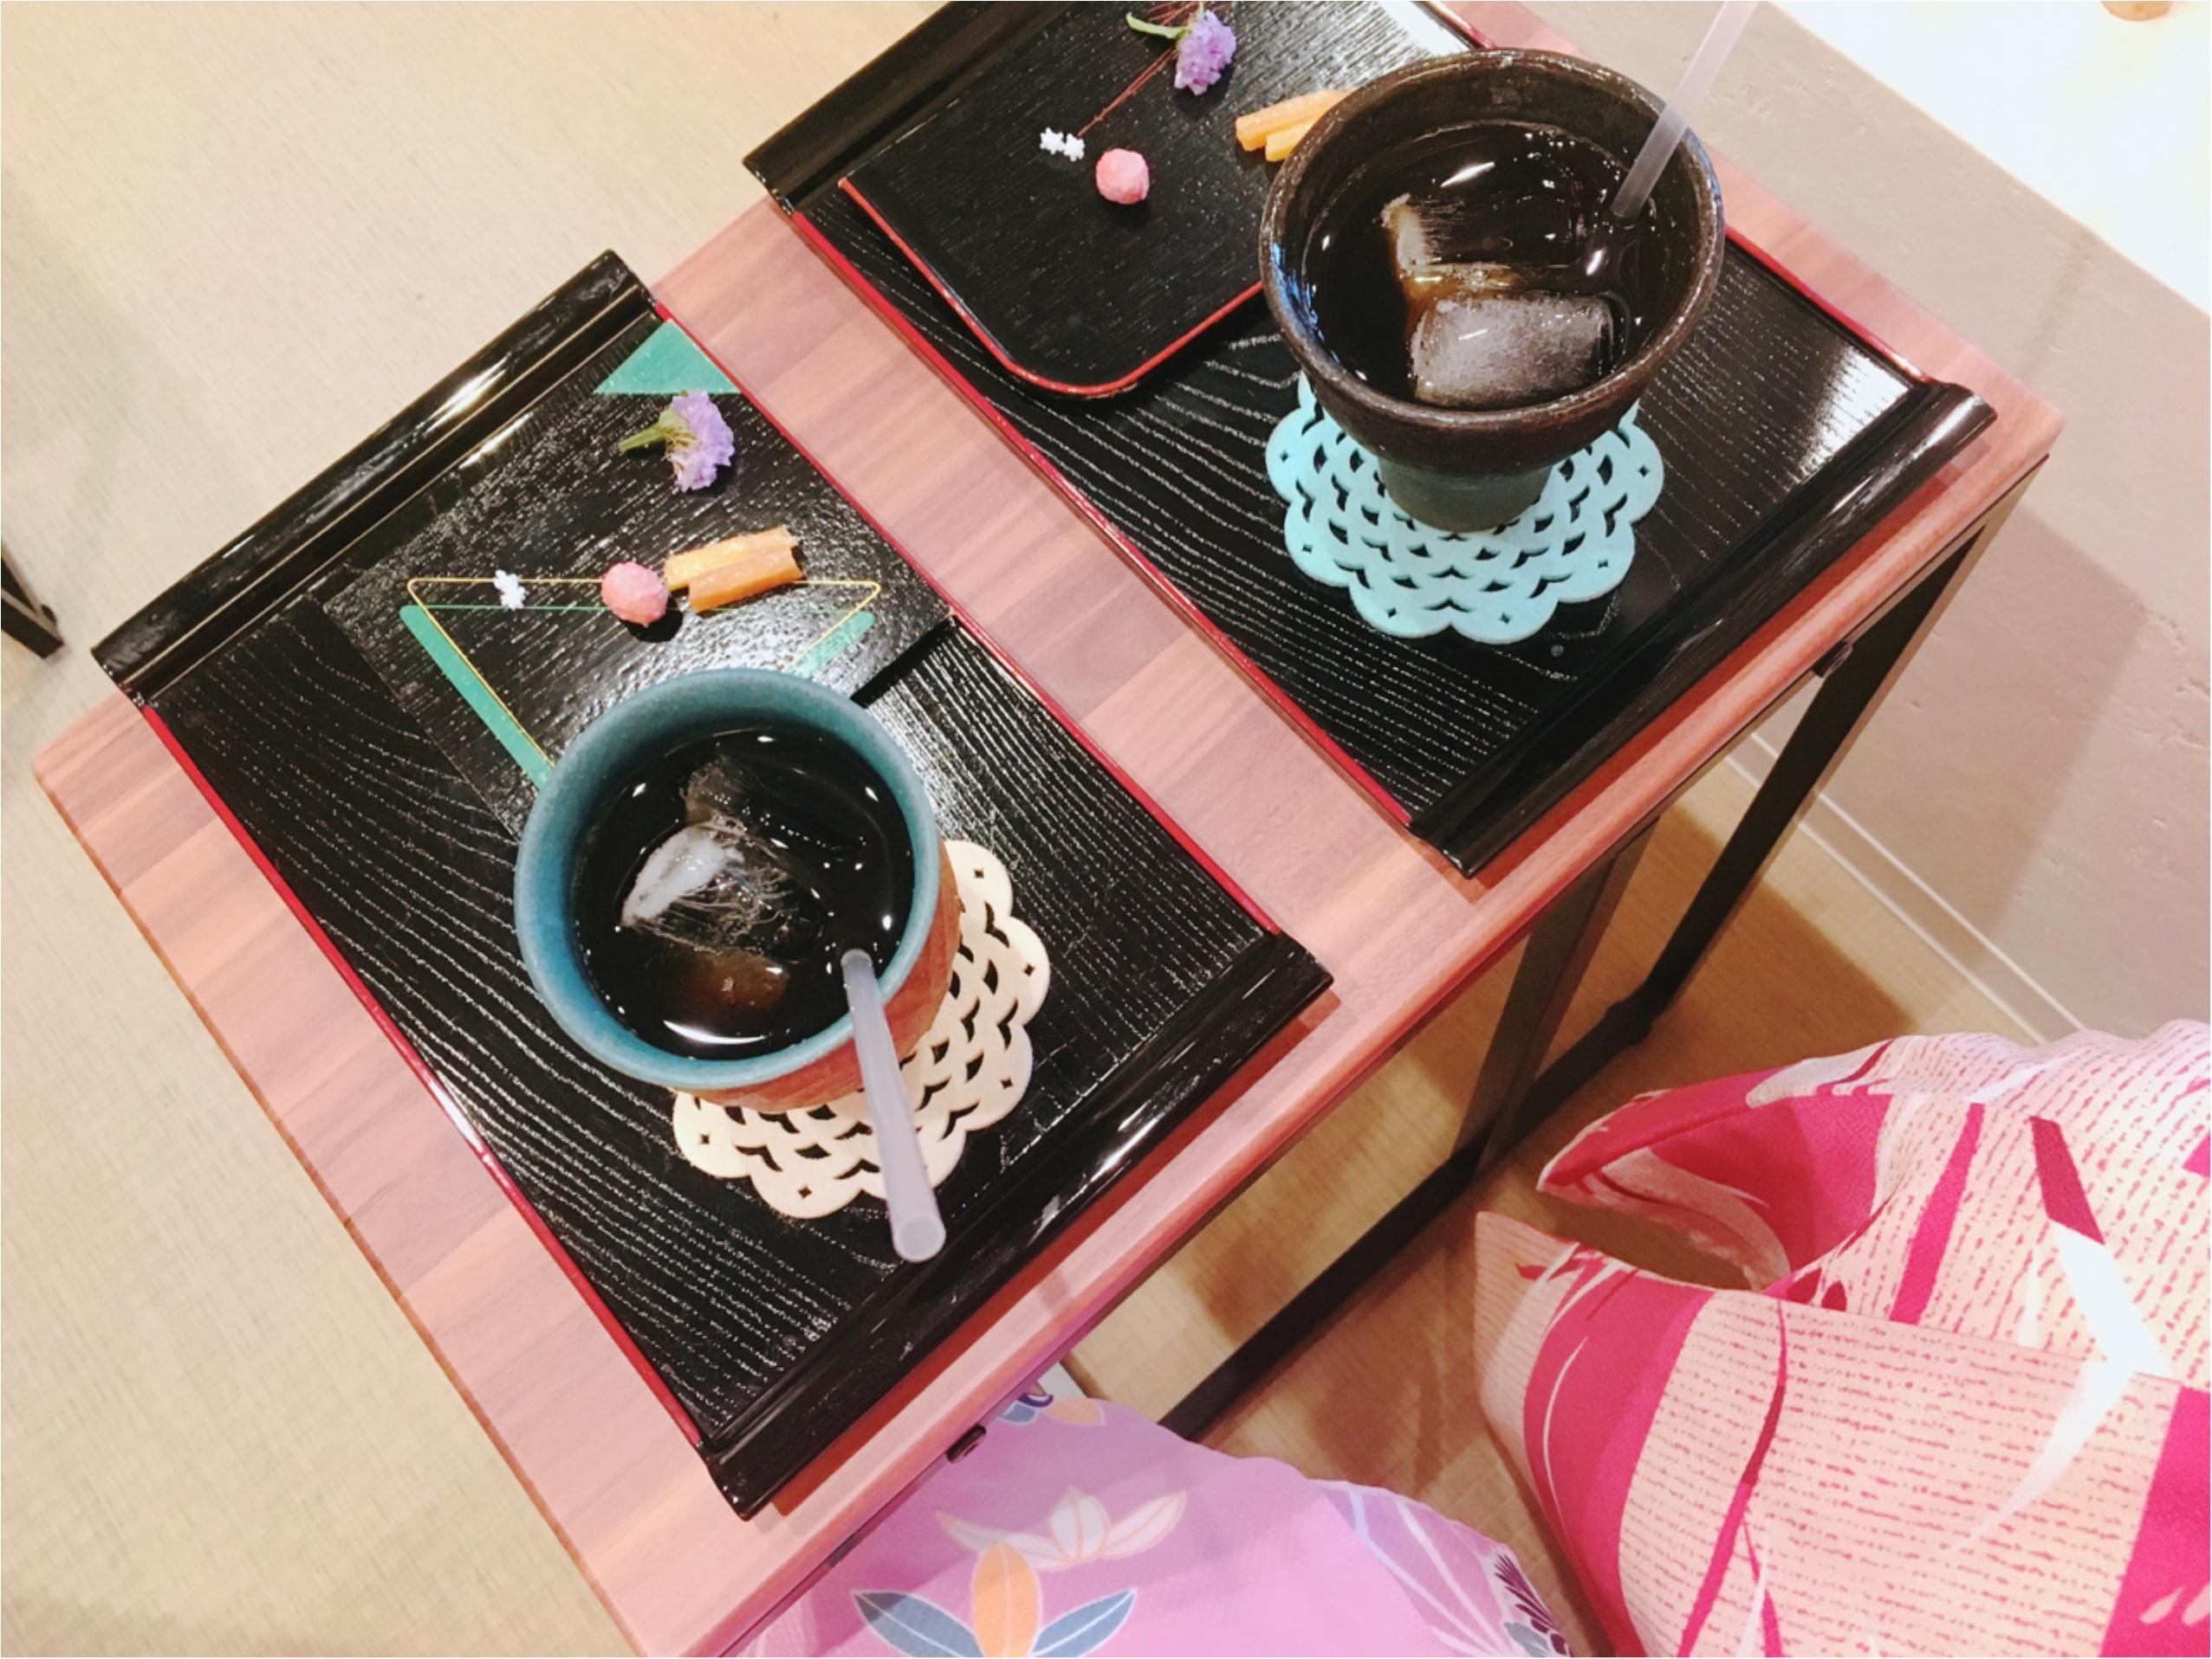 京都・嵐山のNEWスポット!カラフルでかわいい『お花の足湯』に癒されて_2